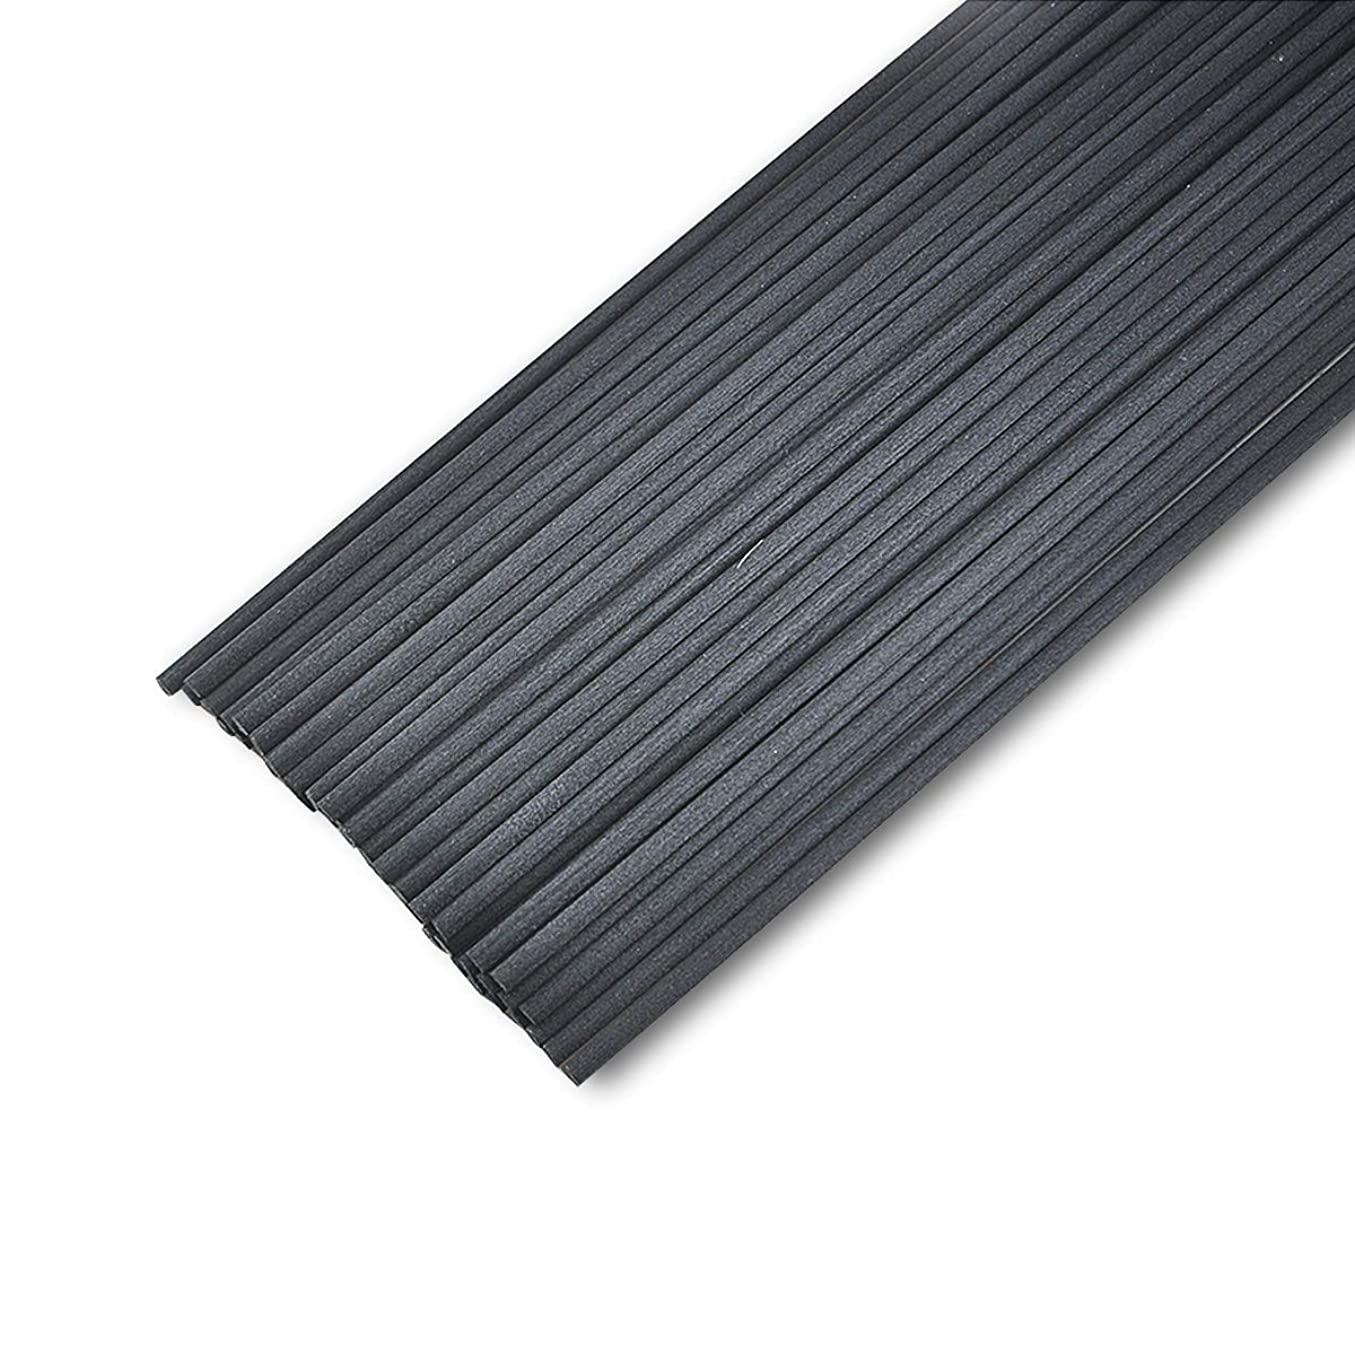 にぎやかはさみファンタジー50本入アロマファイバーディフューザー交換用スティック(20cm*3mm,黒)